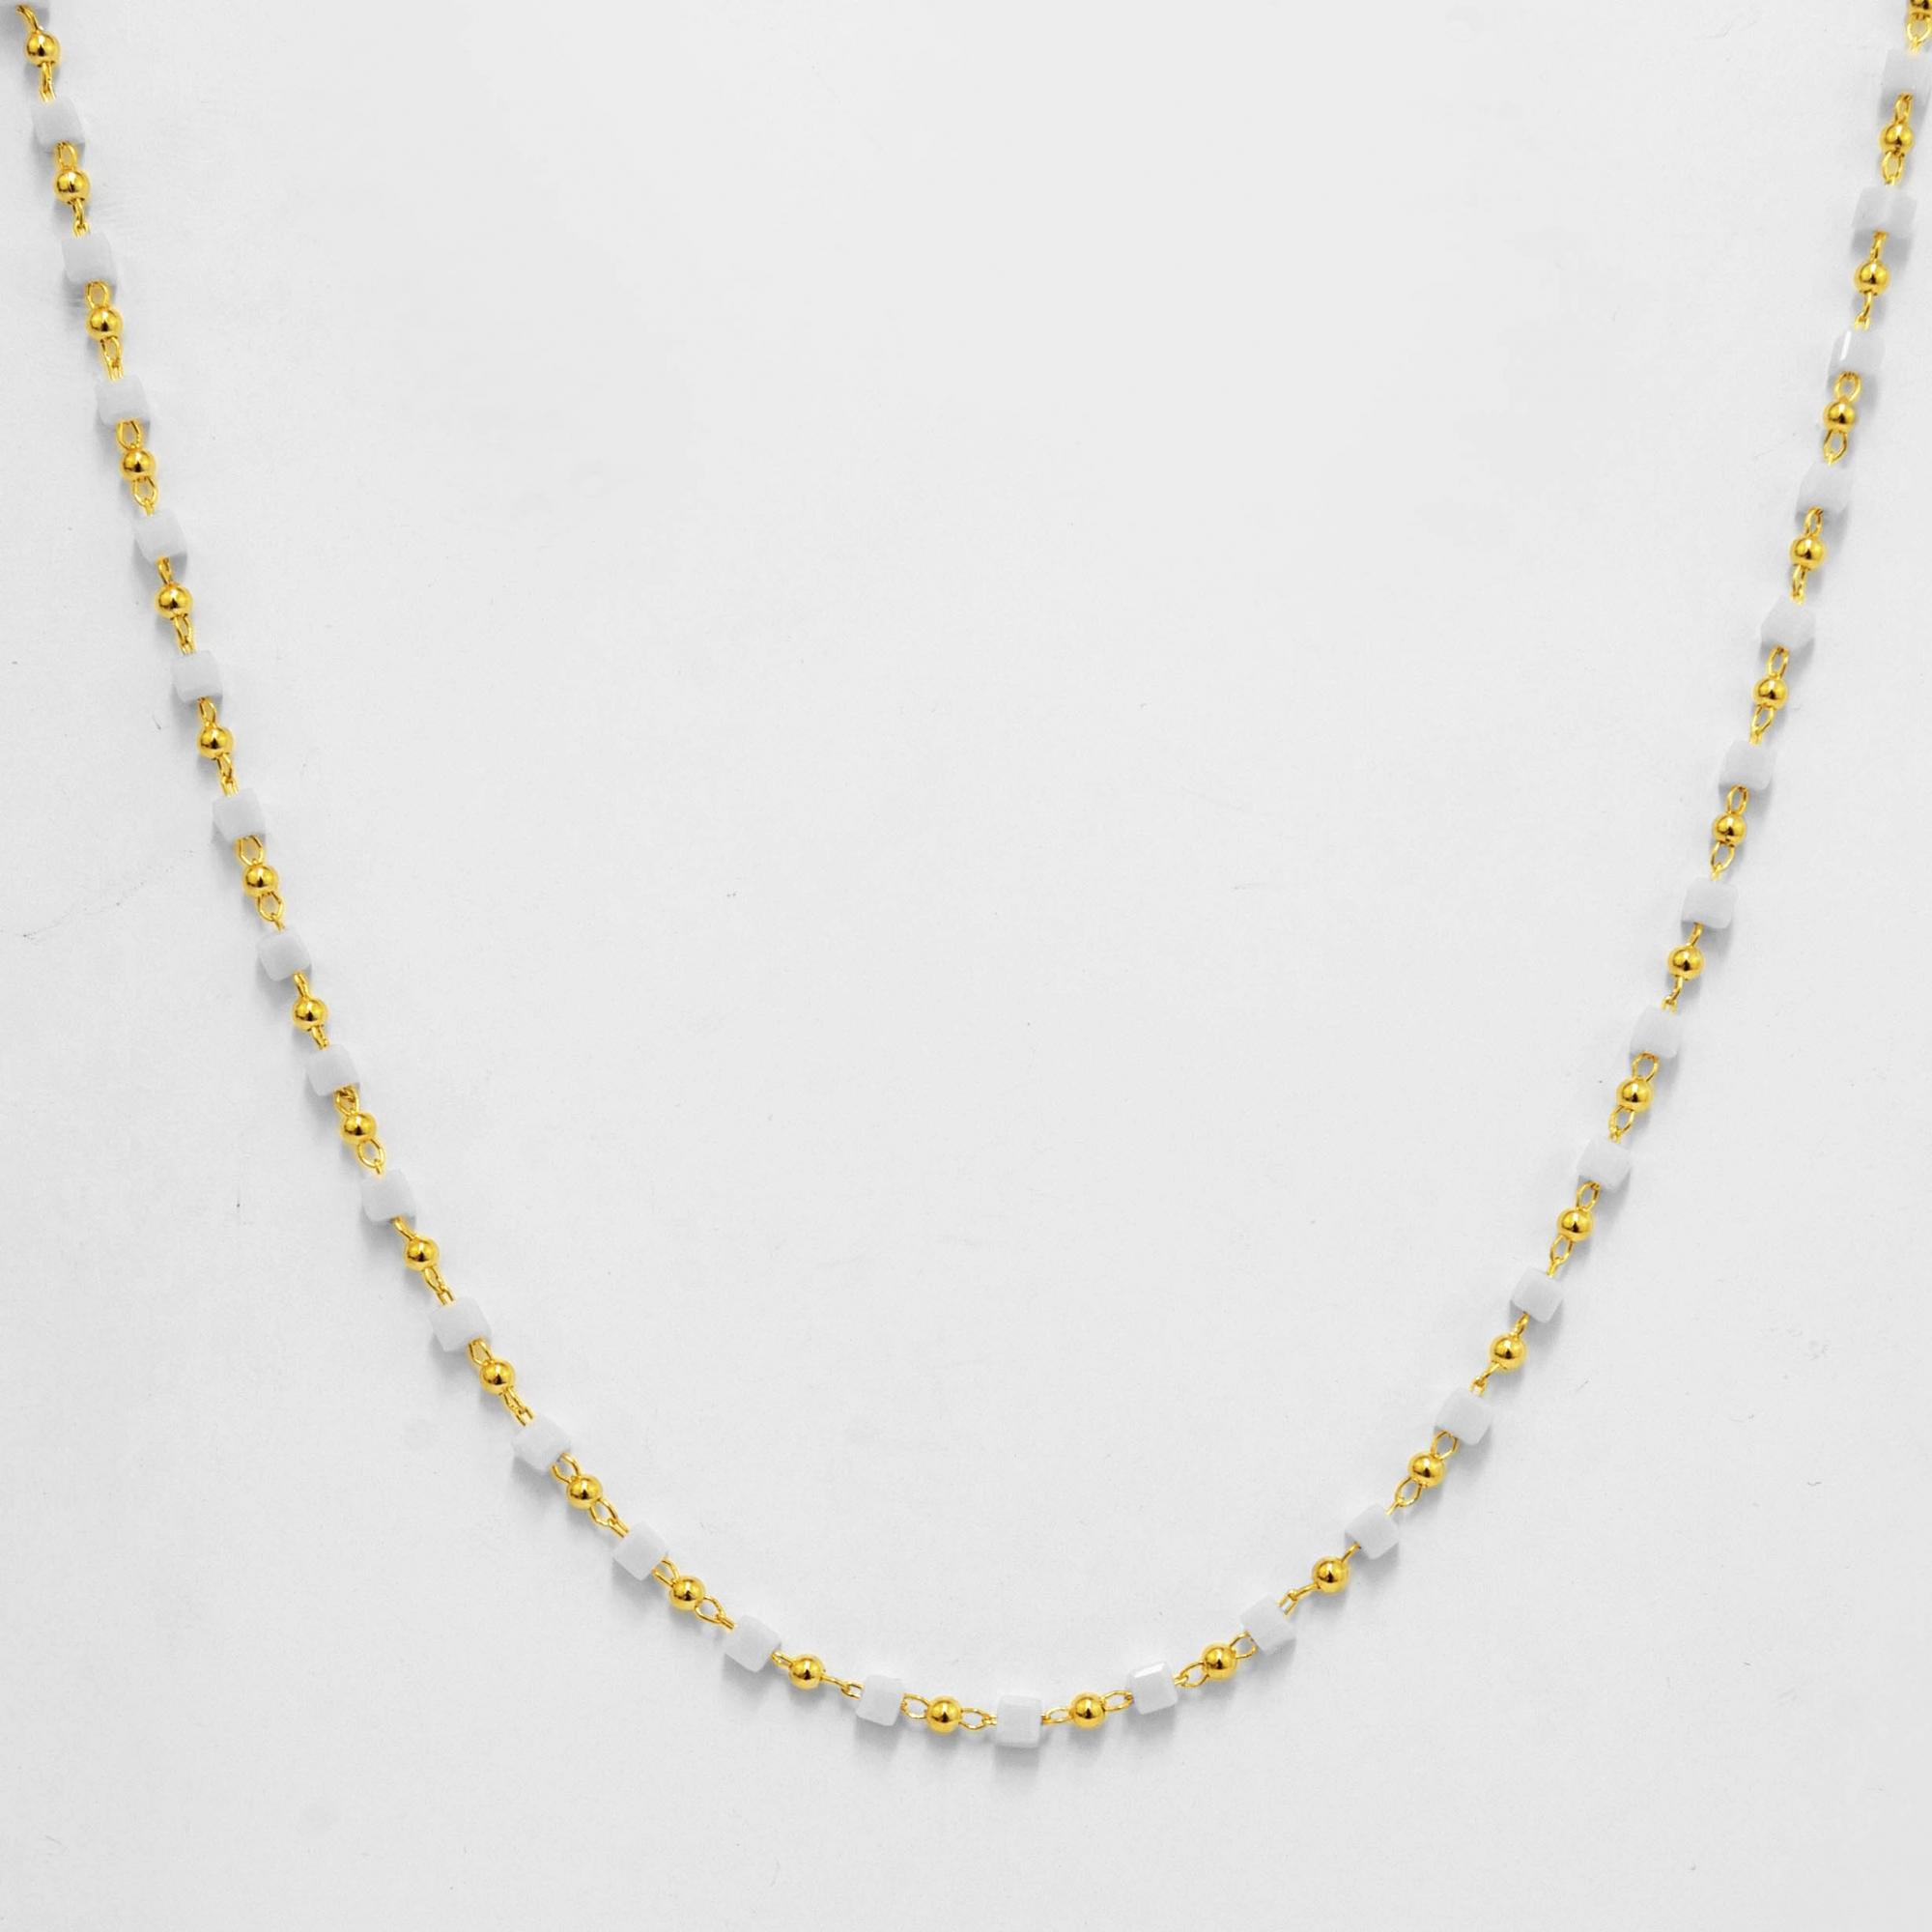 Colar Comprido Pedras Quadradas Folheado a Ouro 18K  - Lunozê Joias